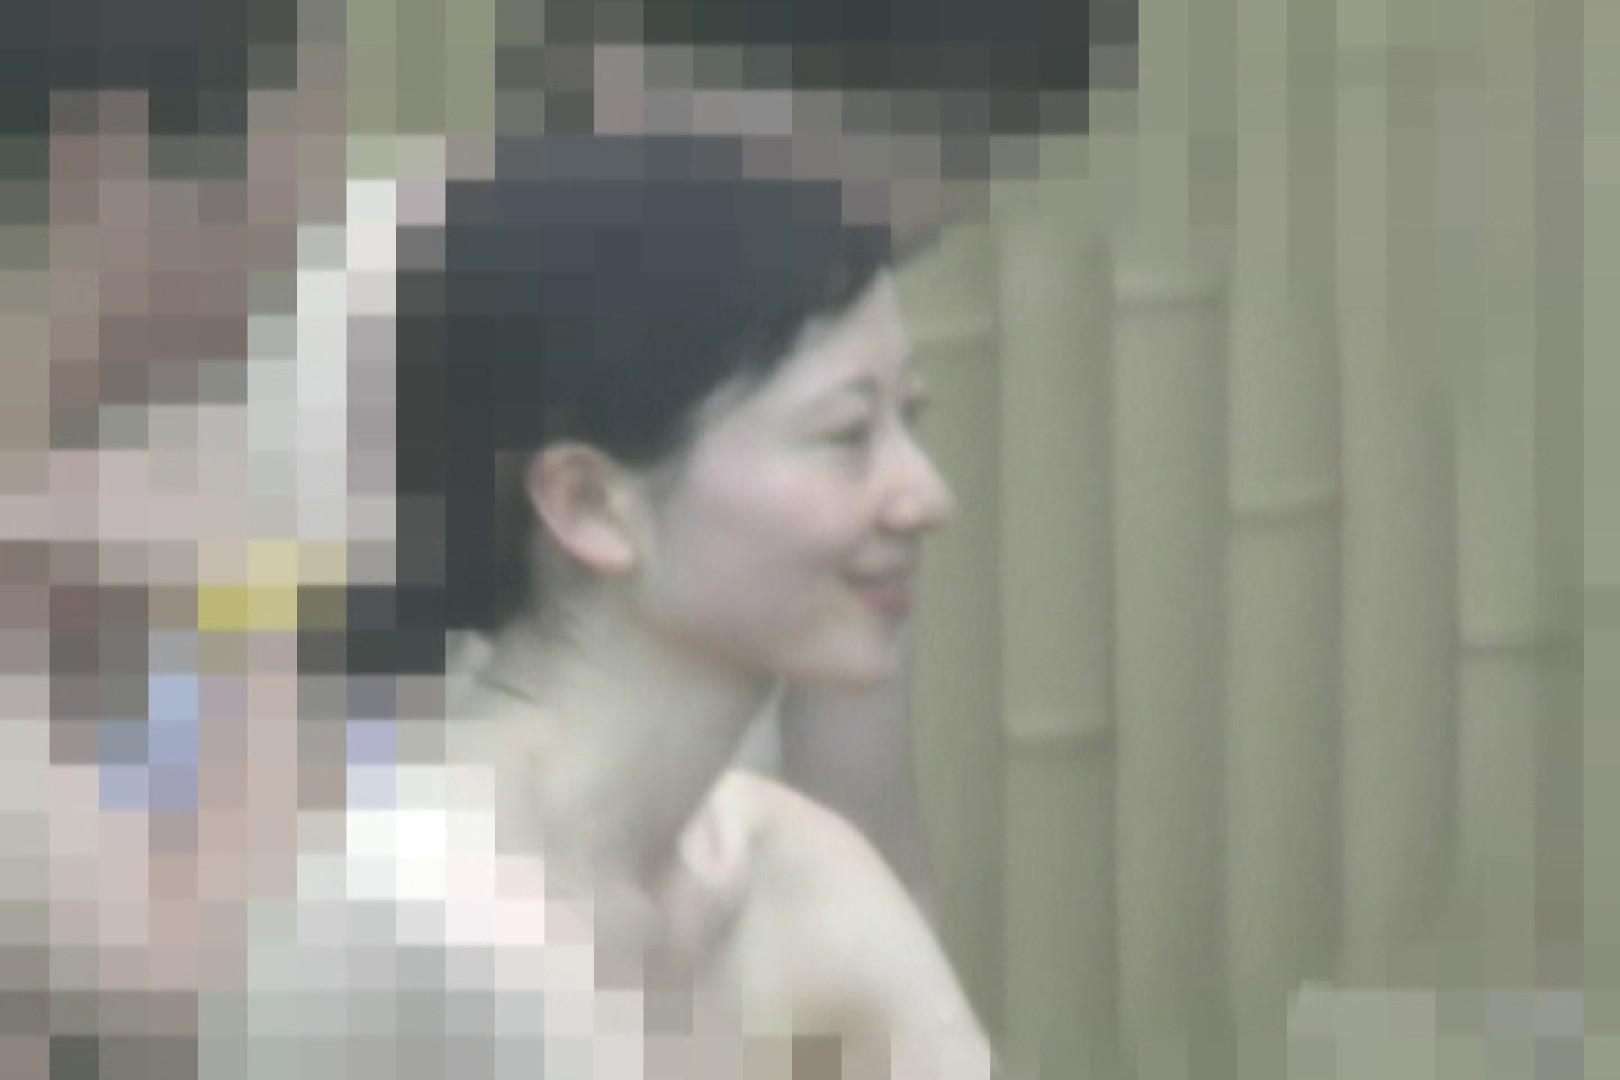 Aquaな露天風呂Vol.835 0  57pic 38